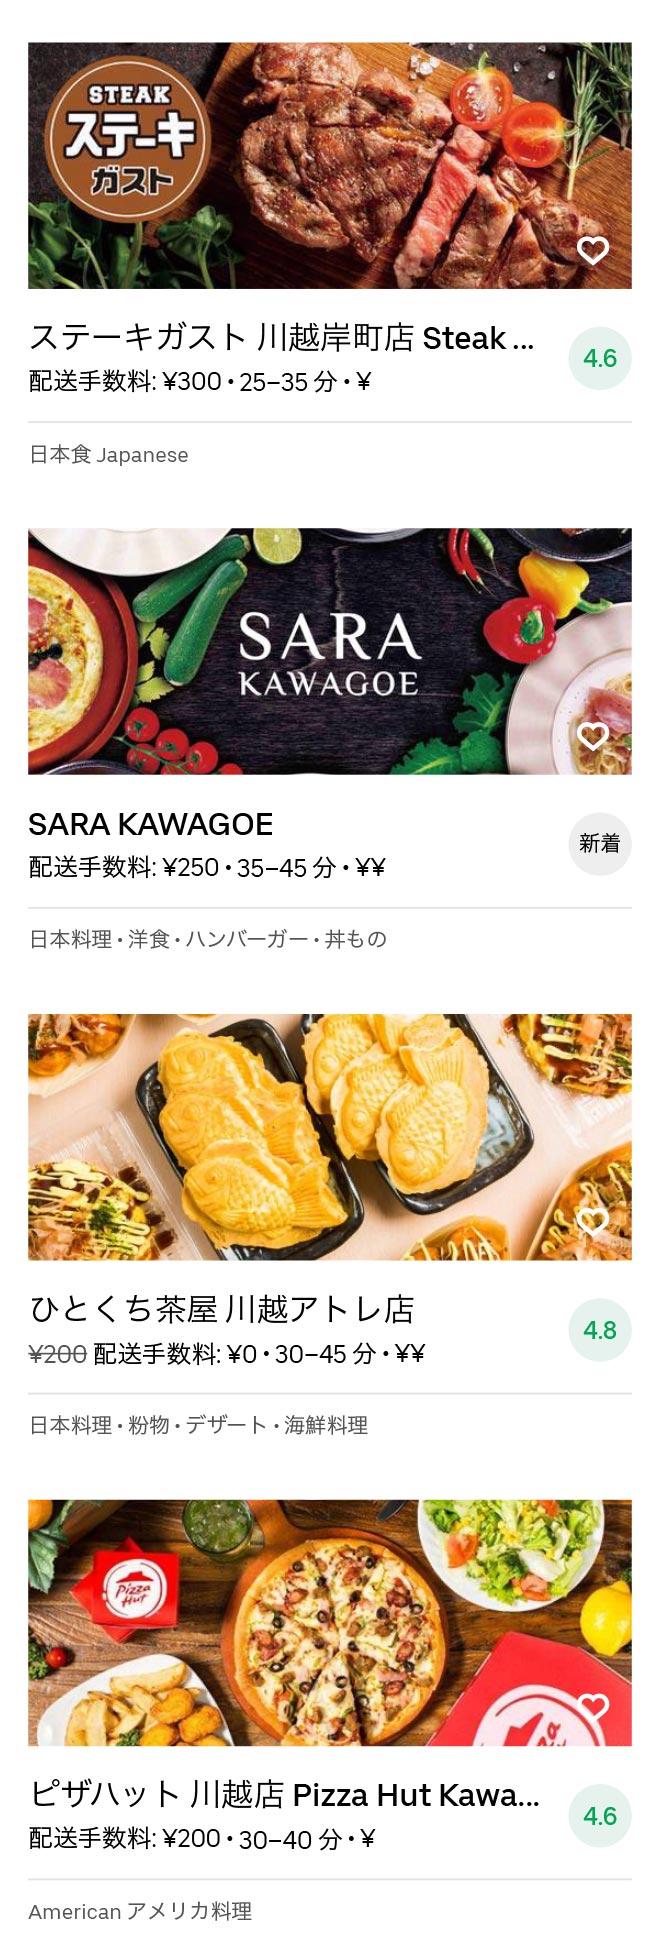 Kawagoeshi menu 2008 11